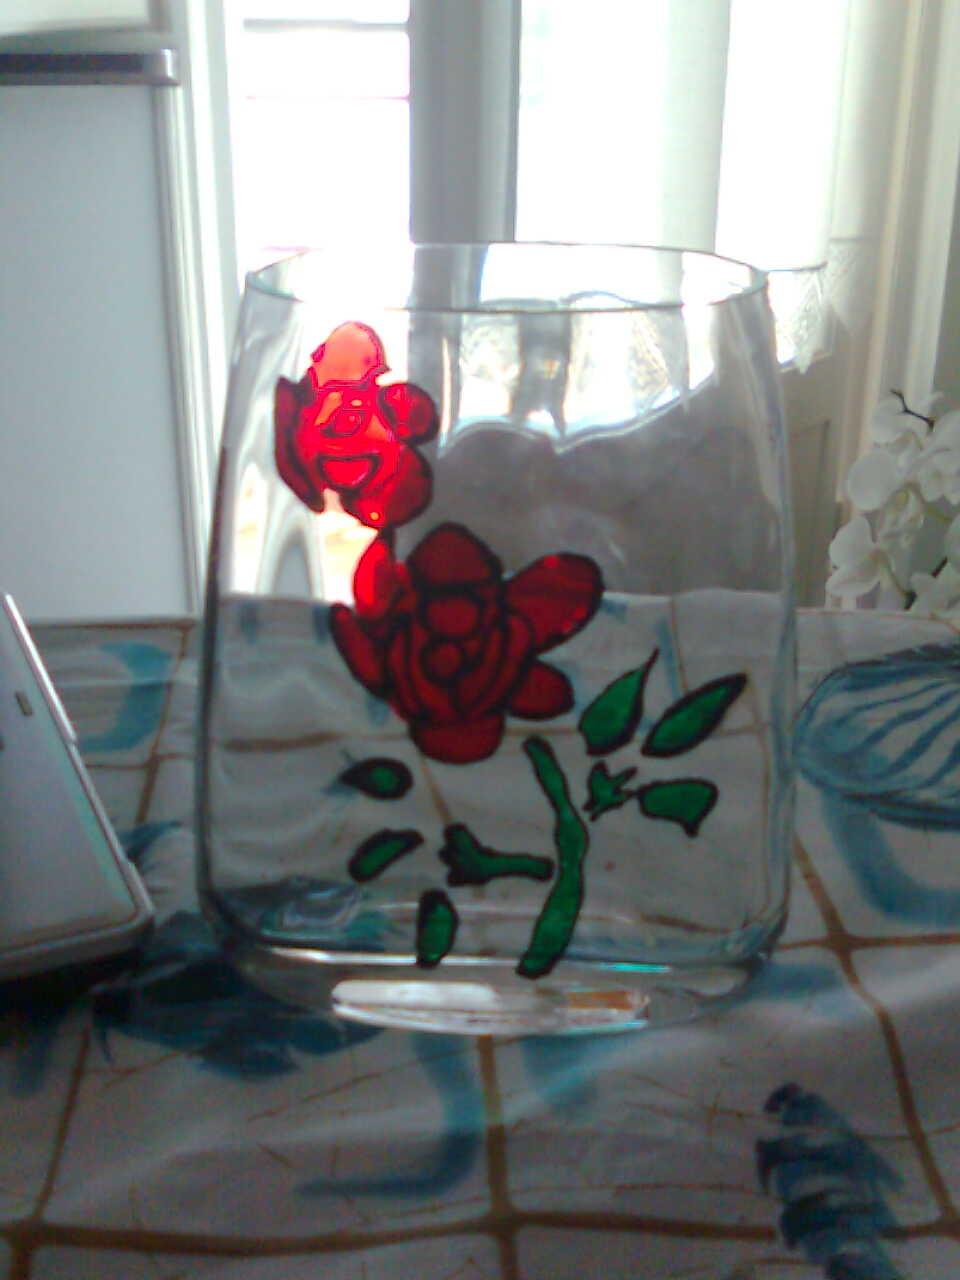 Pittura su vetro un blog senza nome for Immagini da dipingere su vetro